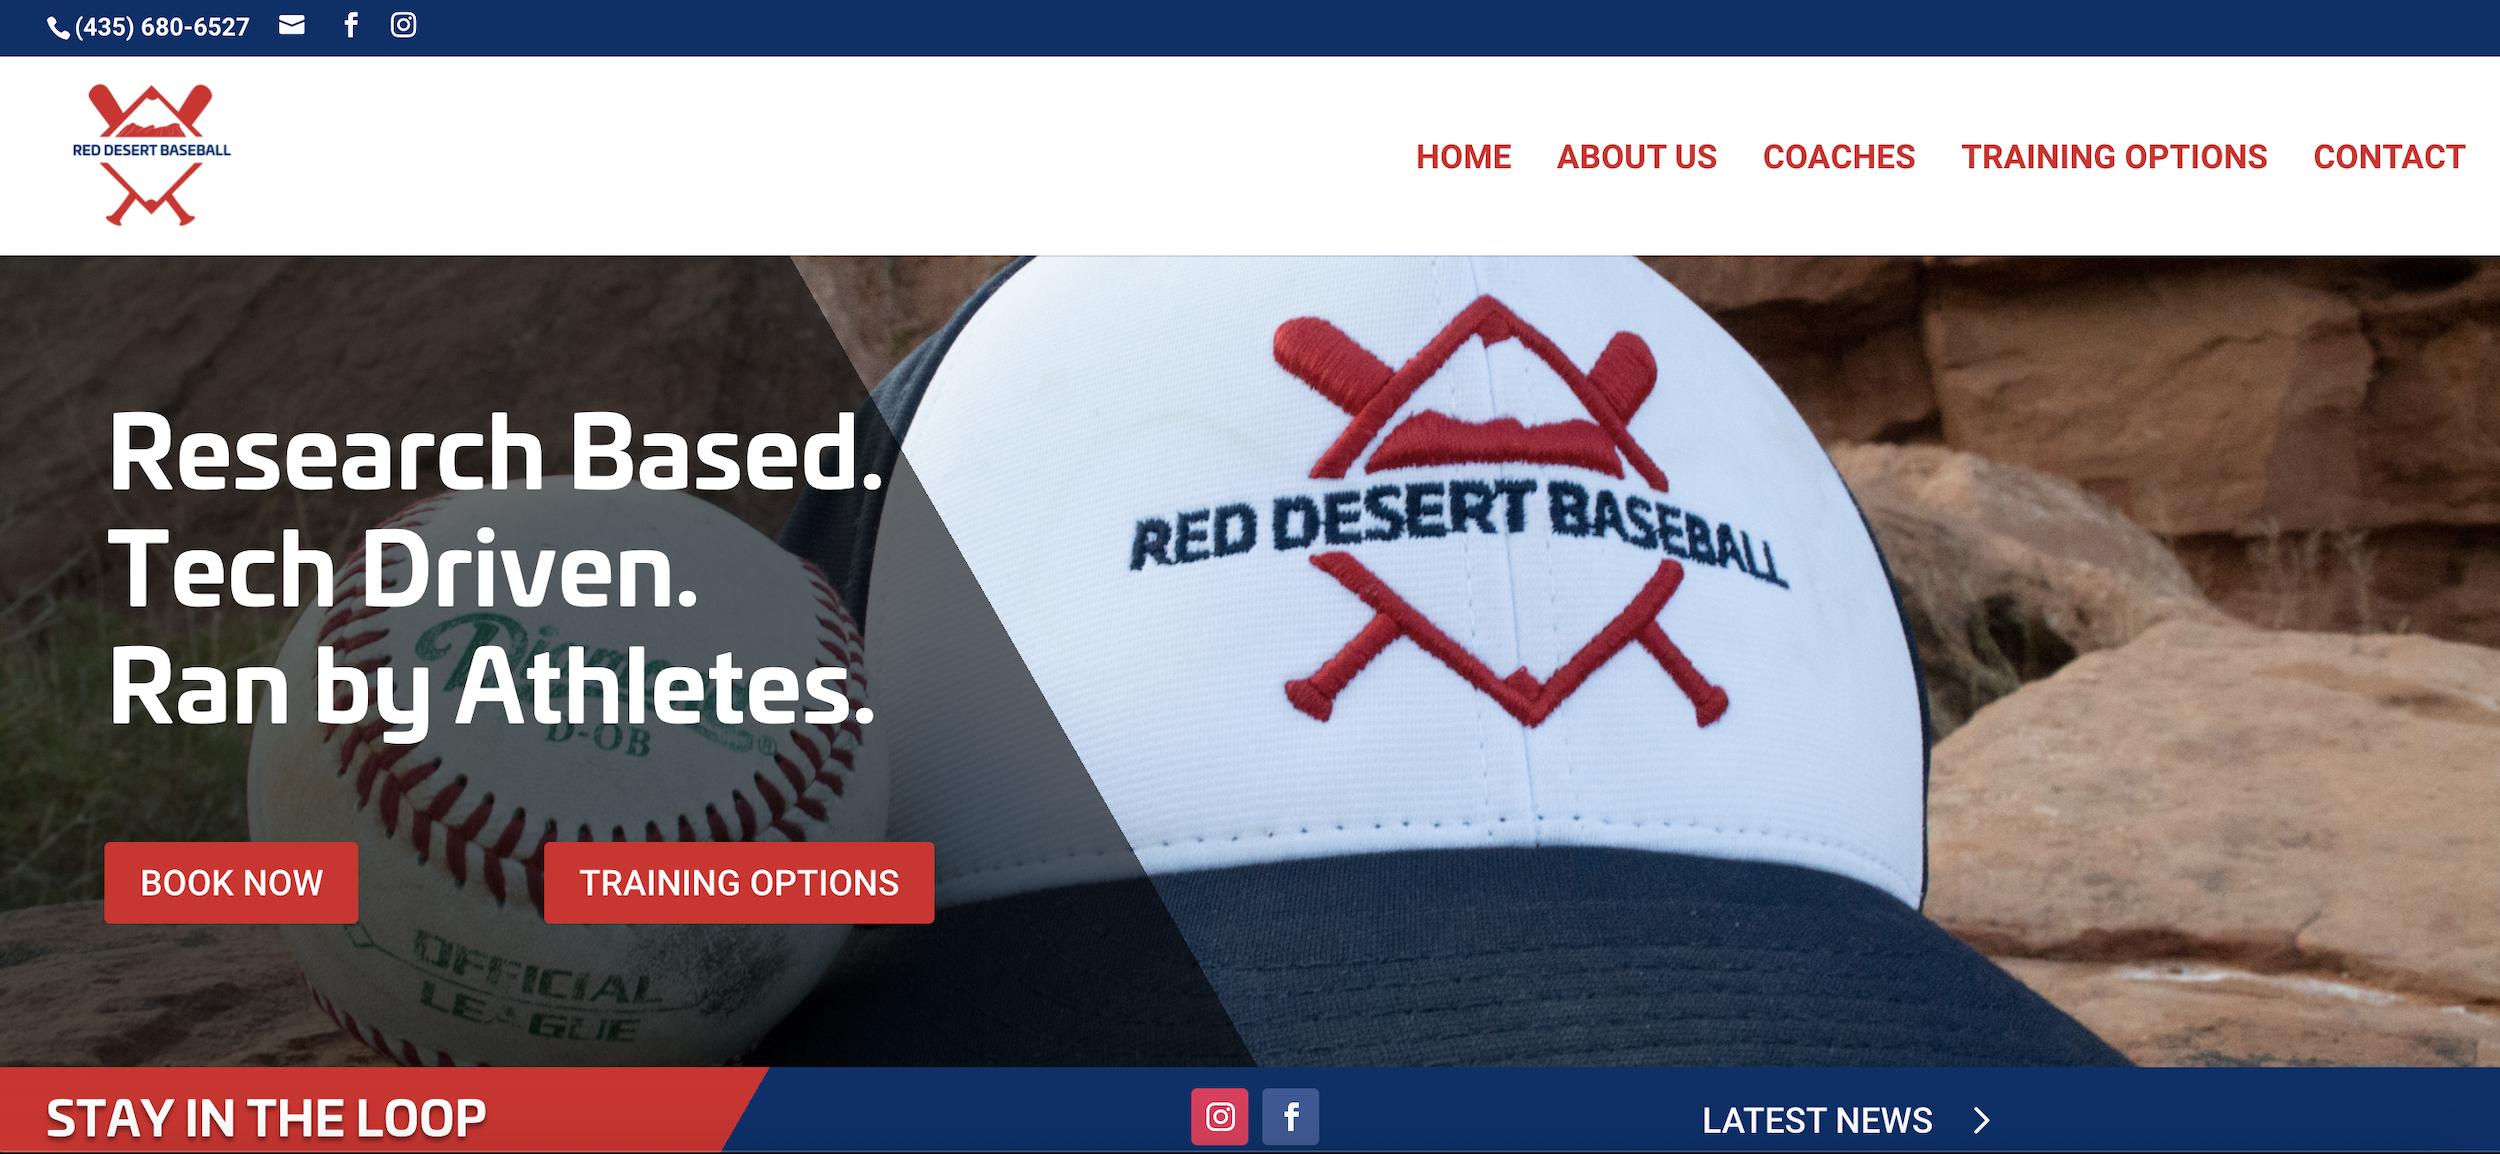 website design red desert baseball